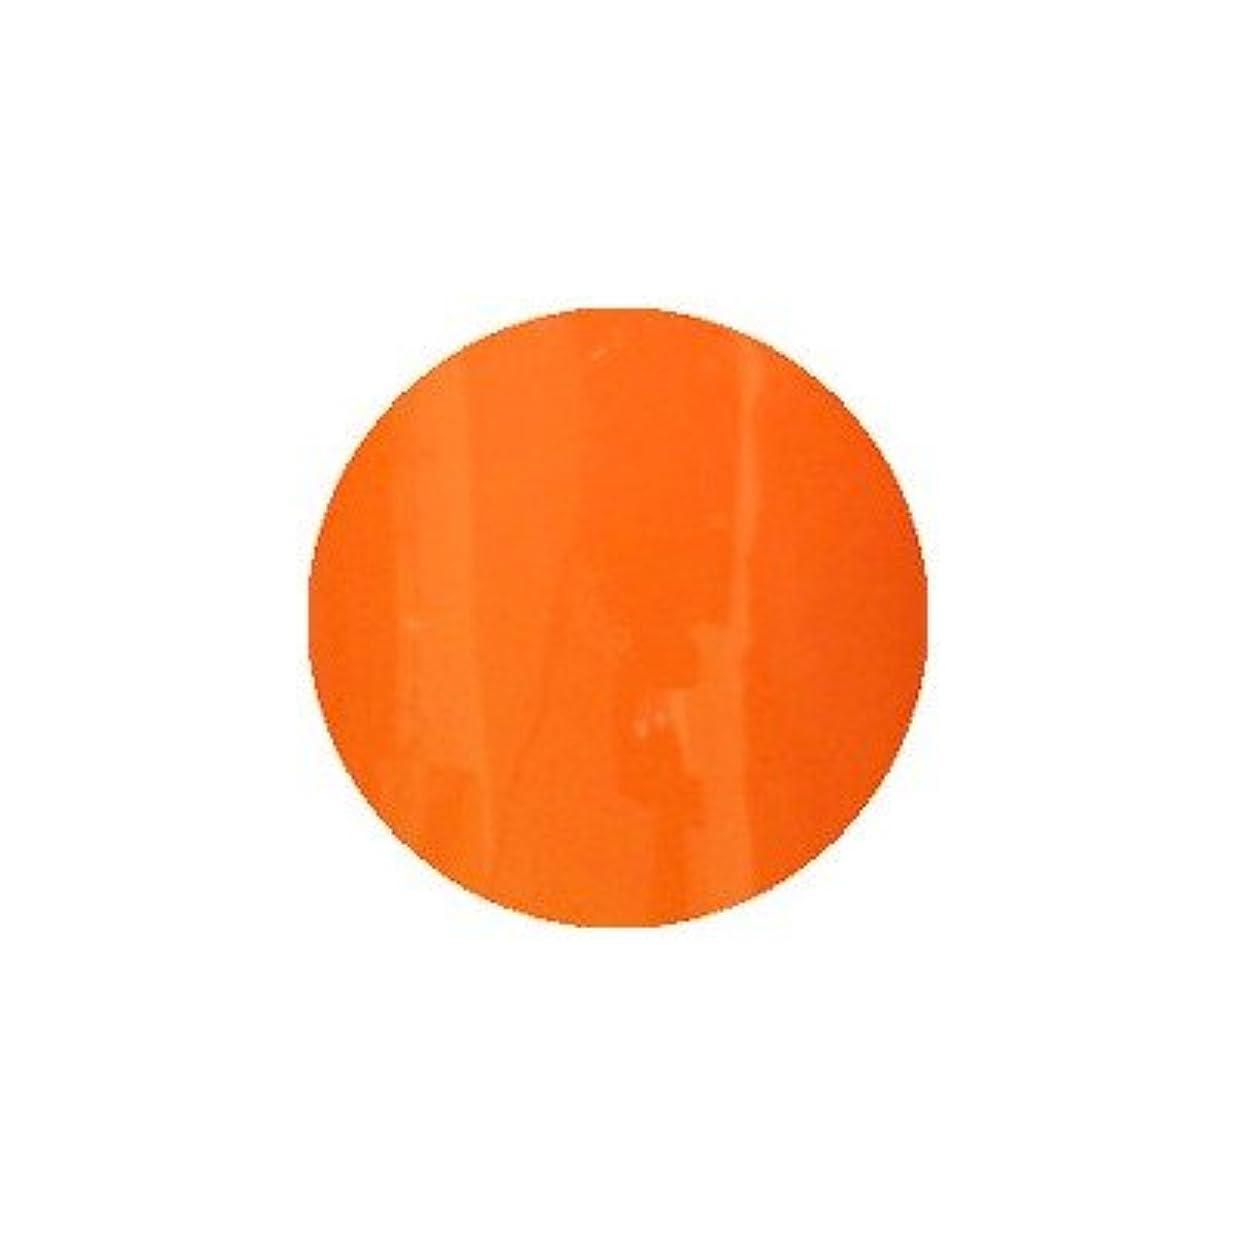 健康的論理的に仮定するロコジェル カラージェル M-26 ビビットオレンジ 4g